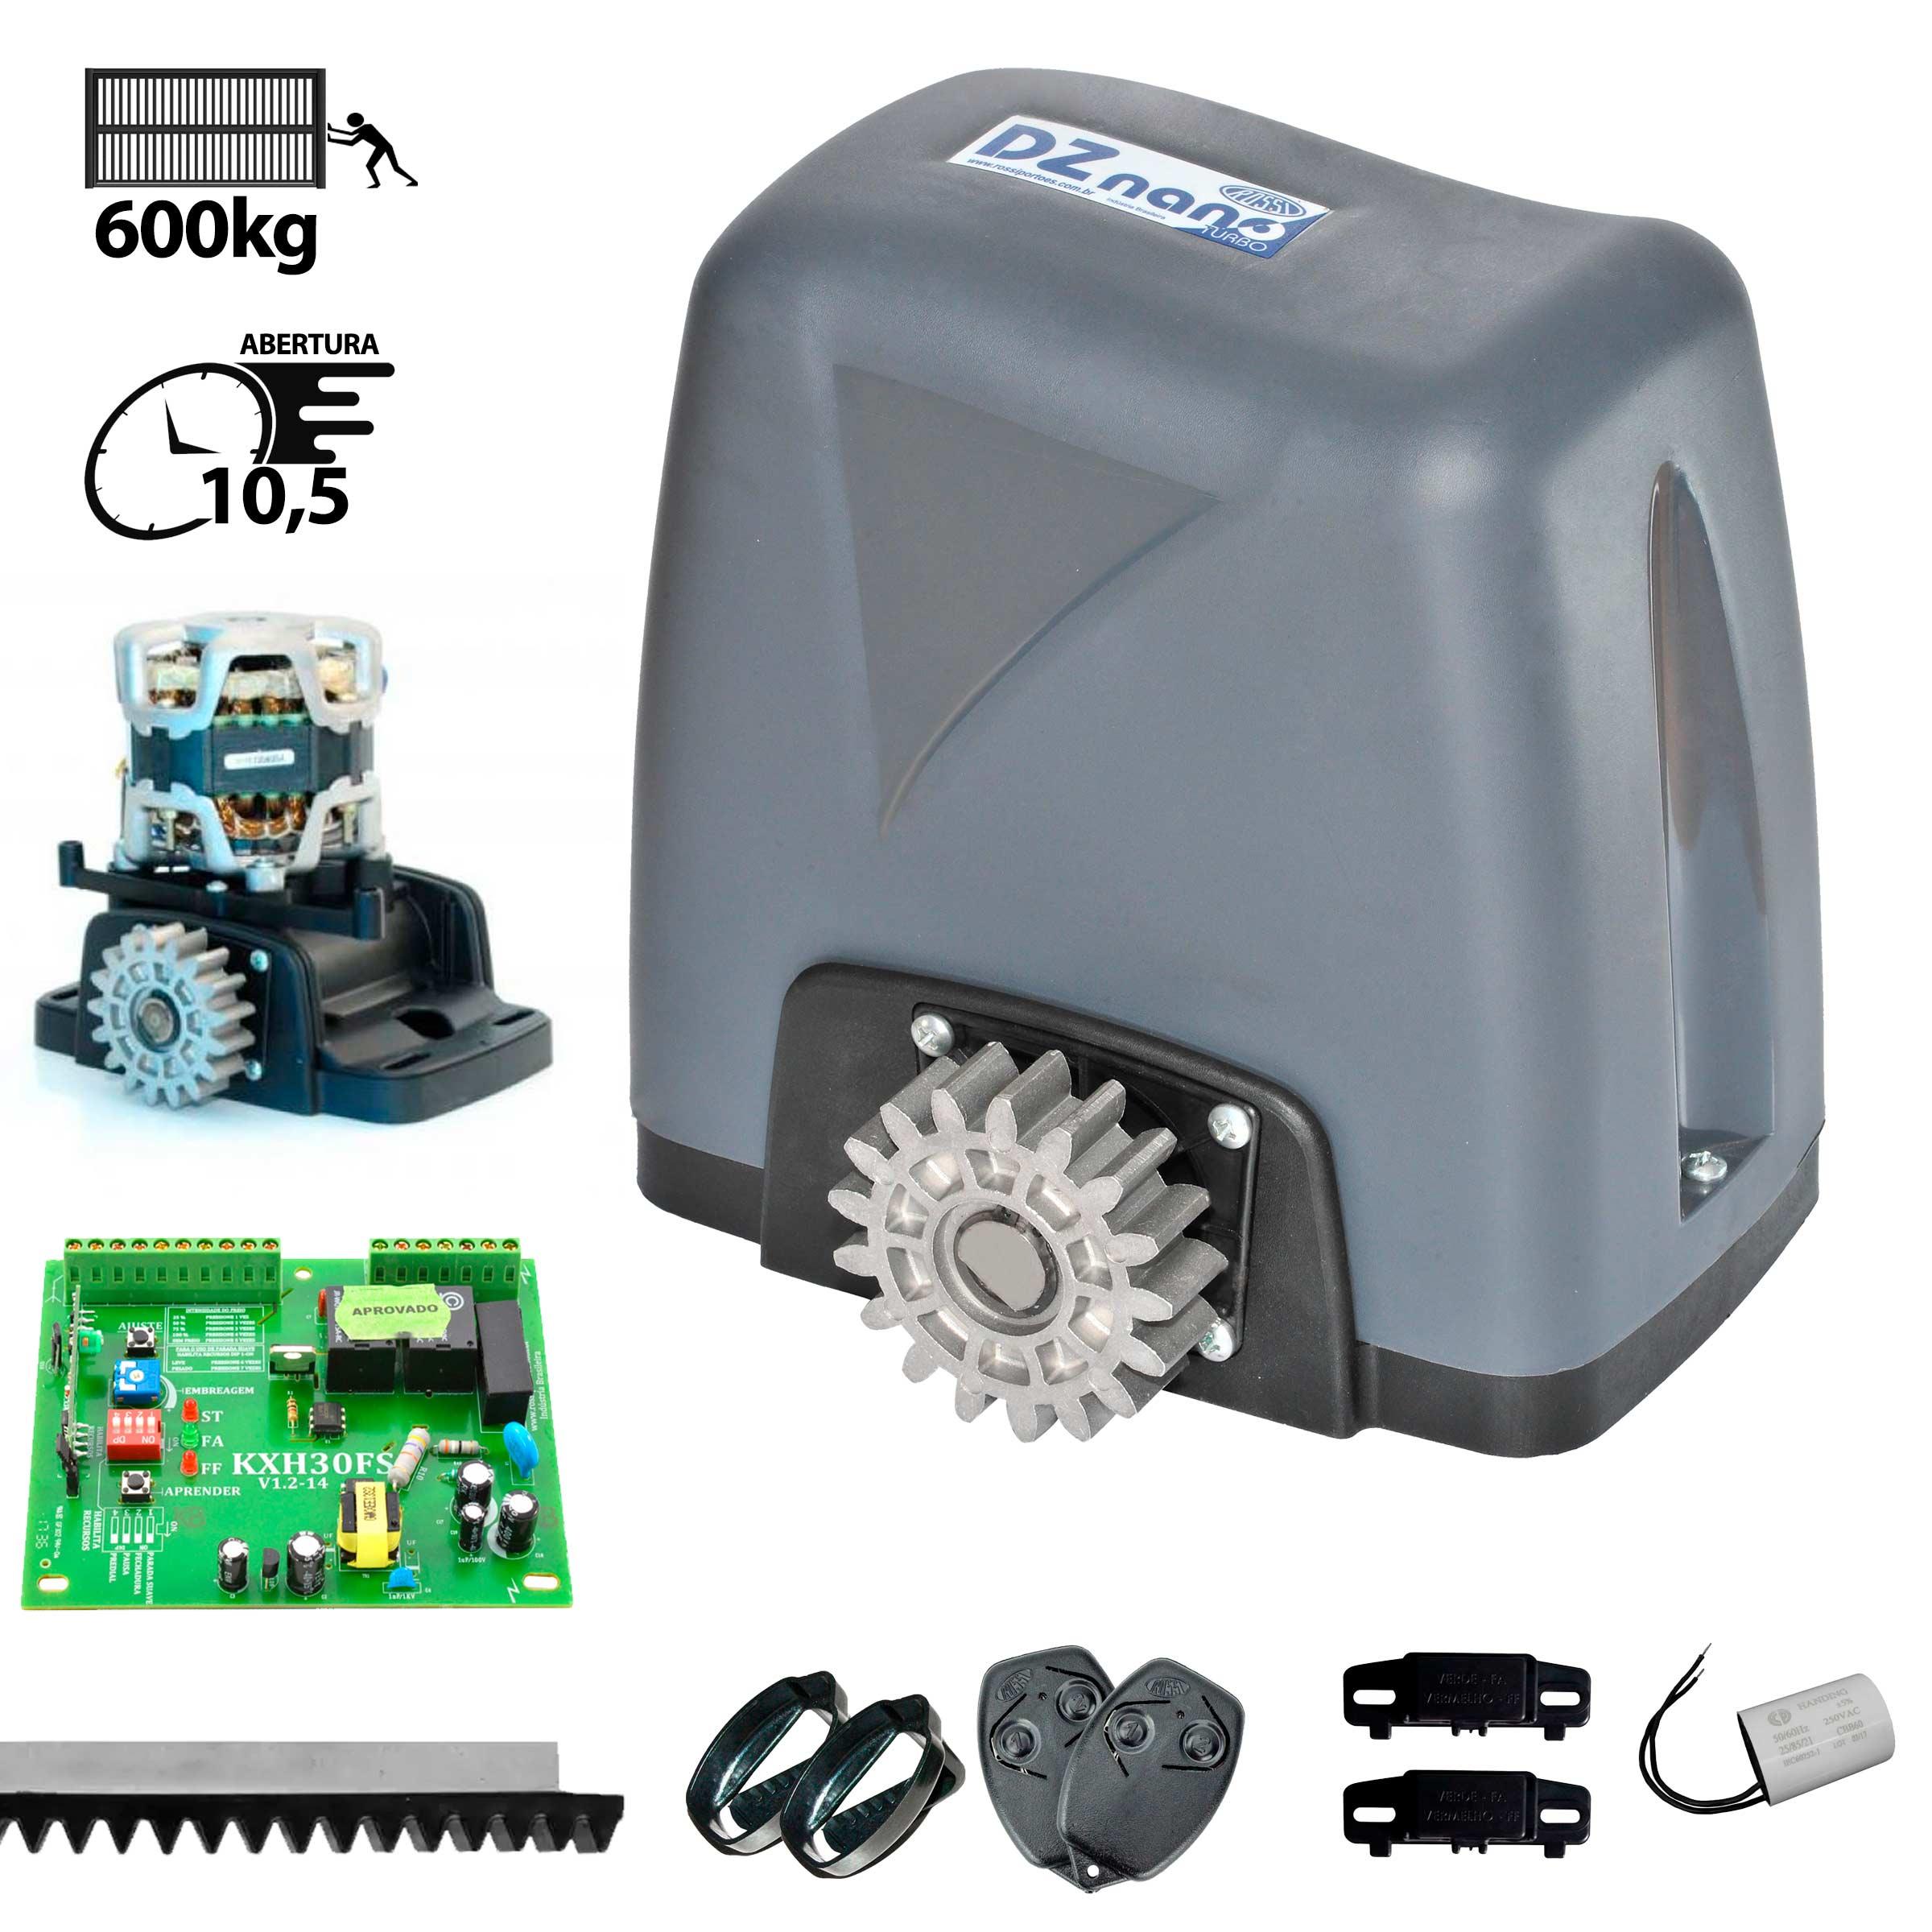 kit-motor-portao-ppa-dz-home-300kg-1/4-deslizante-automatico-de-correr-eletronico-com-abertura-rapida